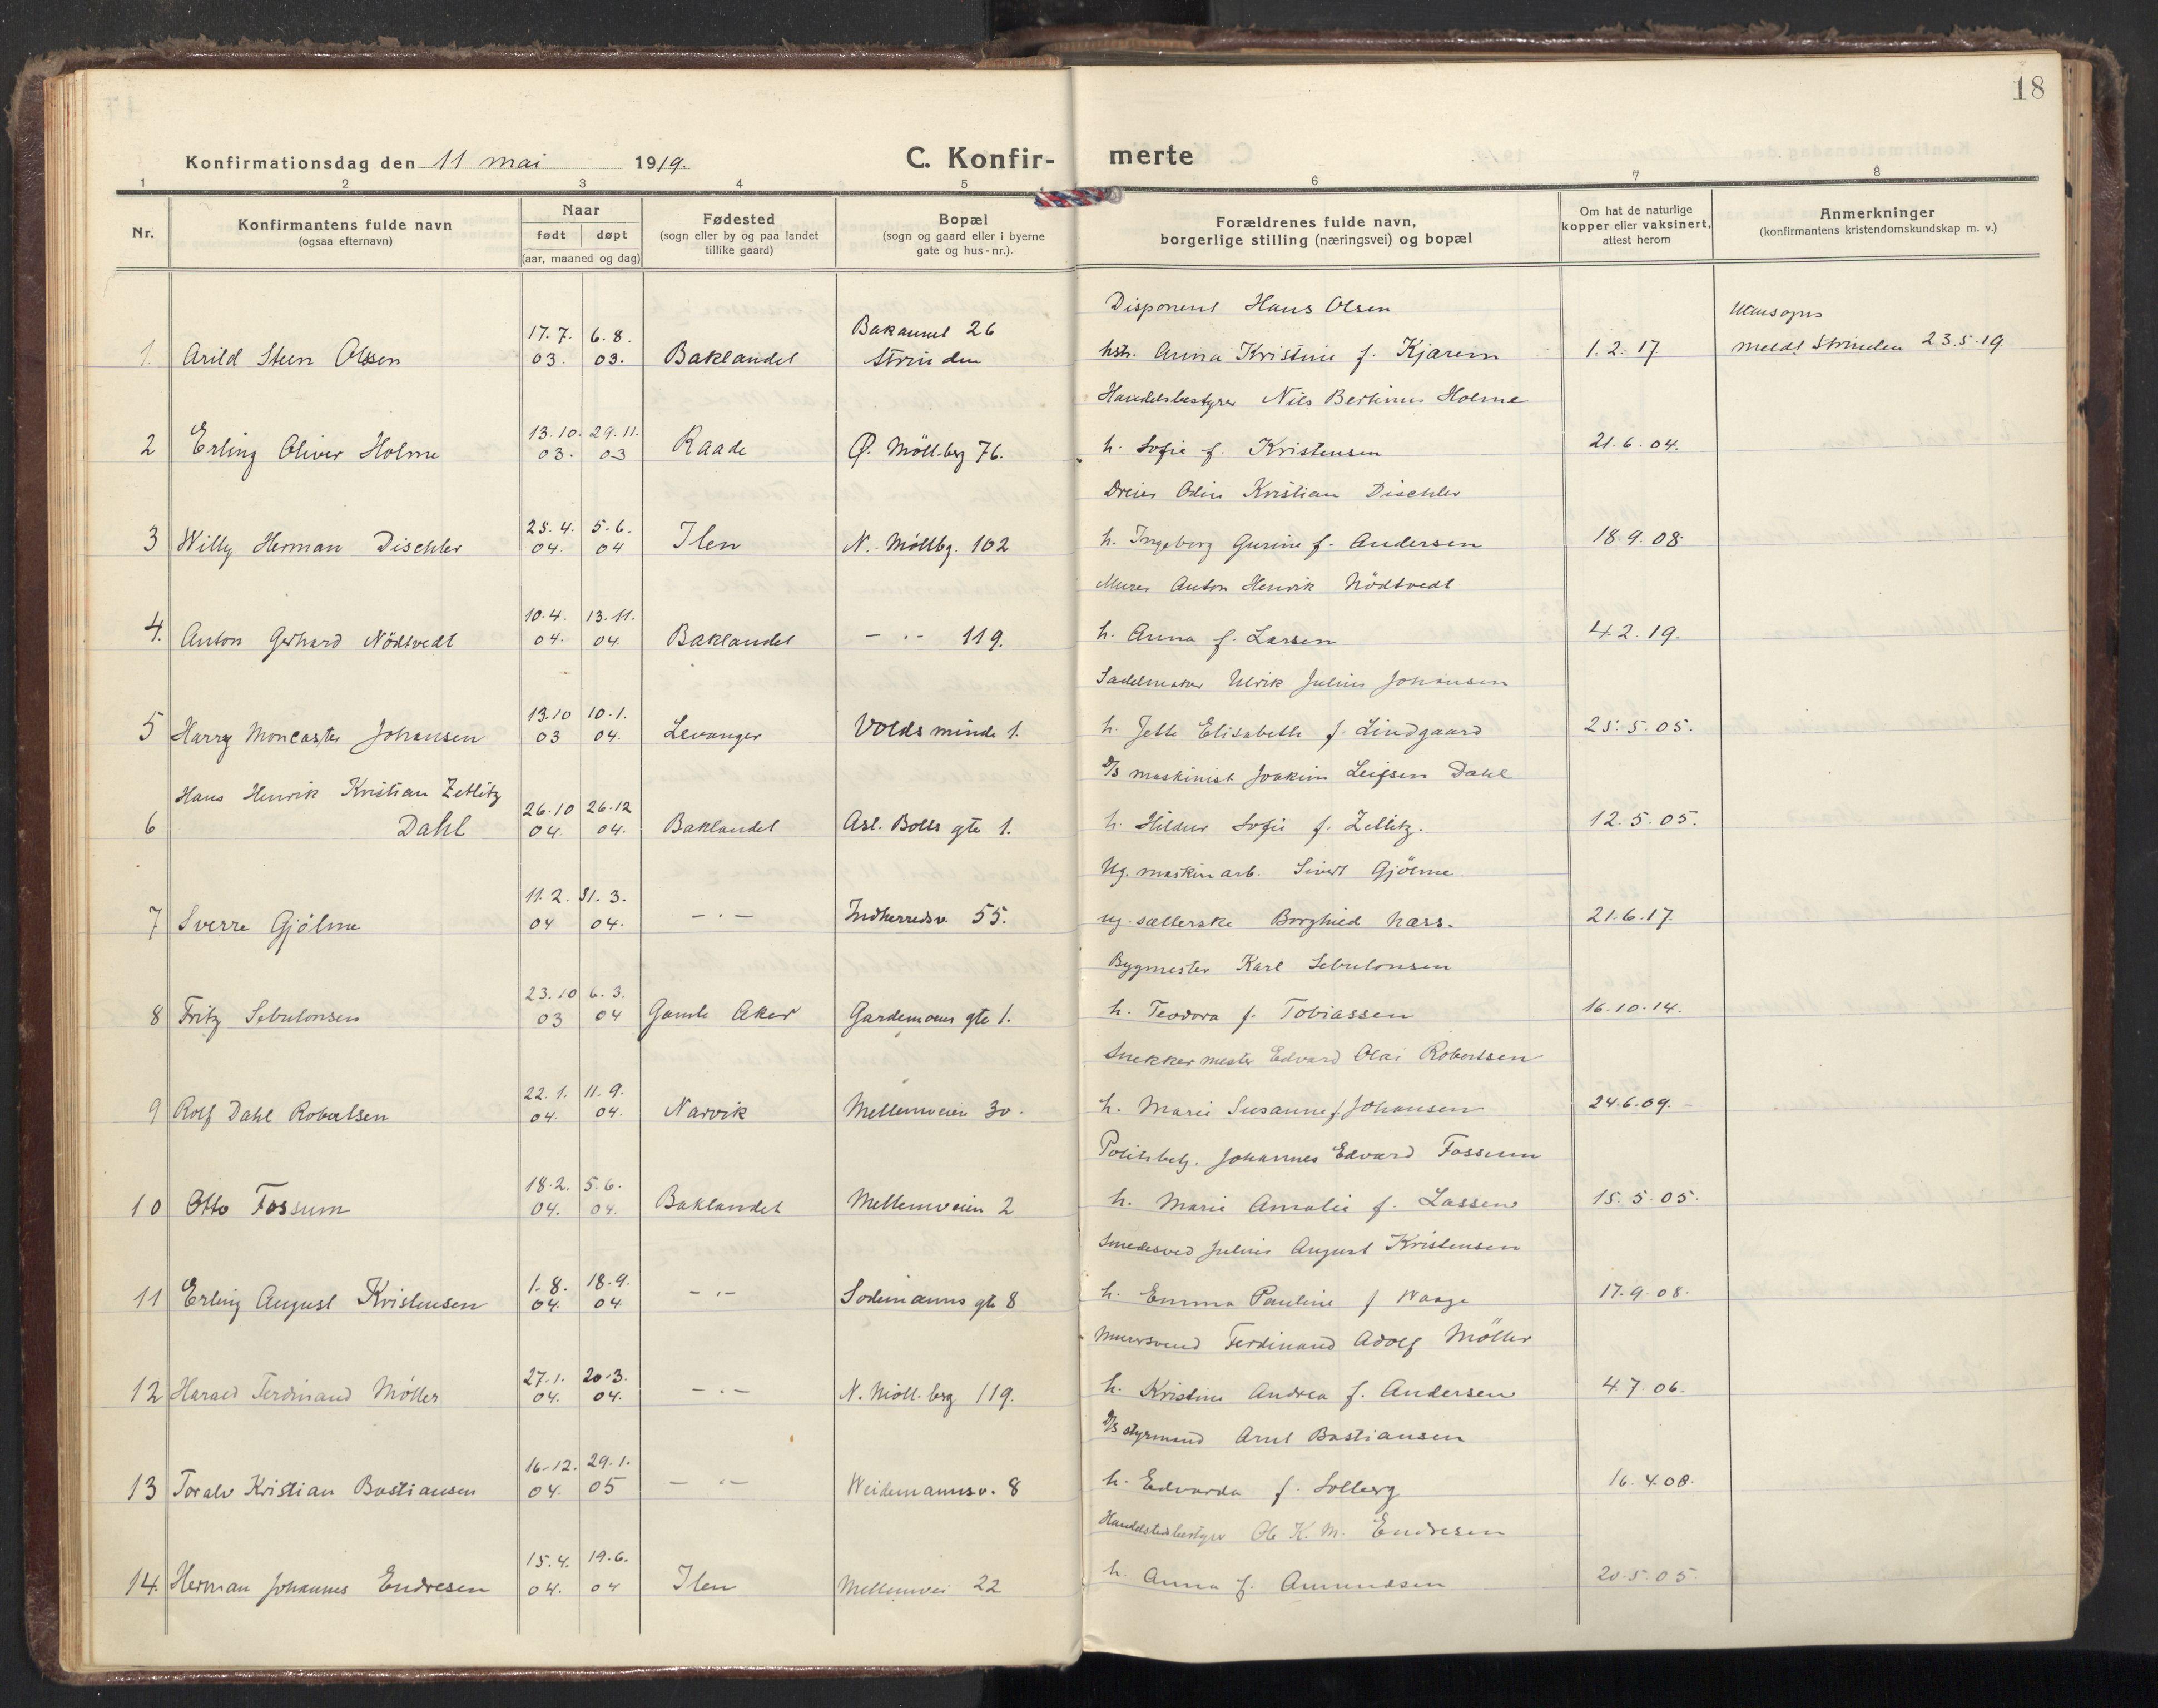 SAT, Ministerialprotokoller, klokkerbøker og fødselsregistre - Sør-Trøndelag, 605/L0247: Ministerialbok nr. 605A09, 1918-1930, s. 18